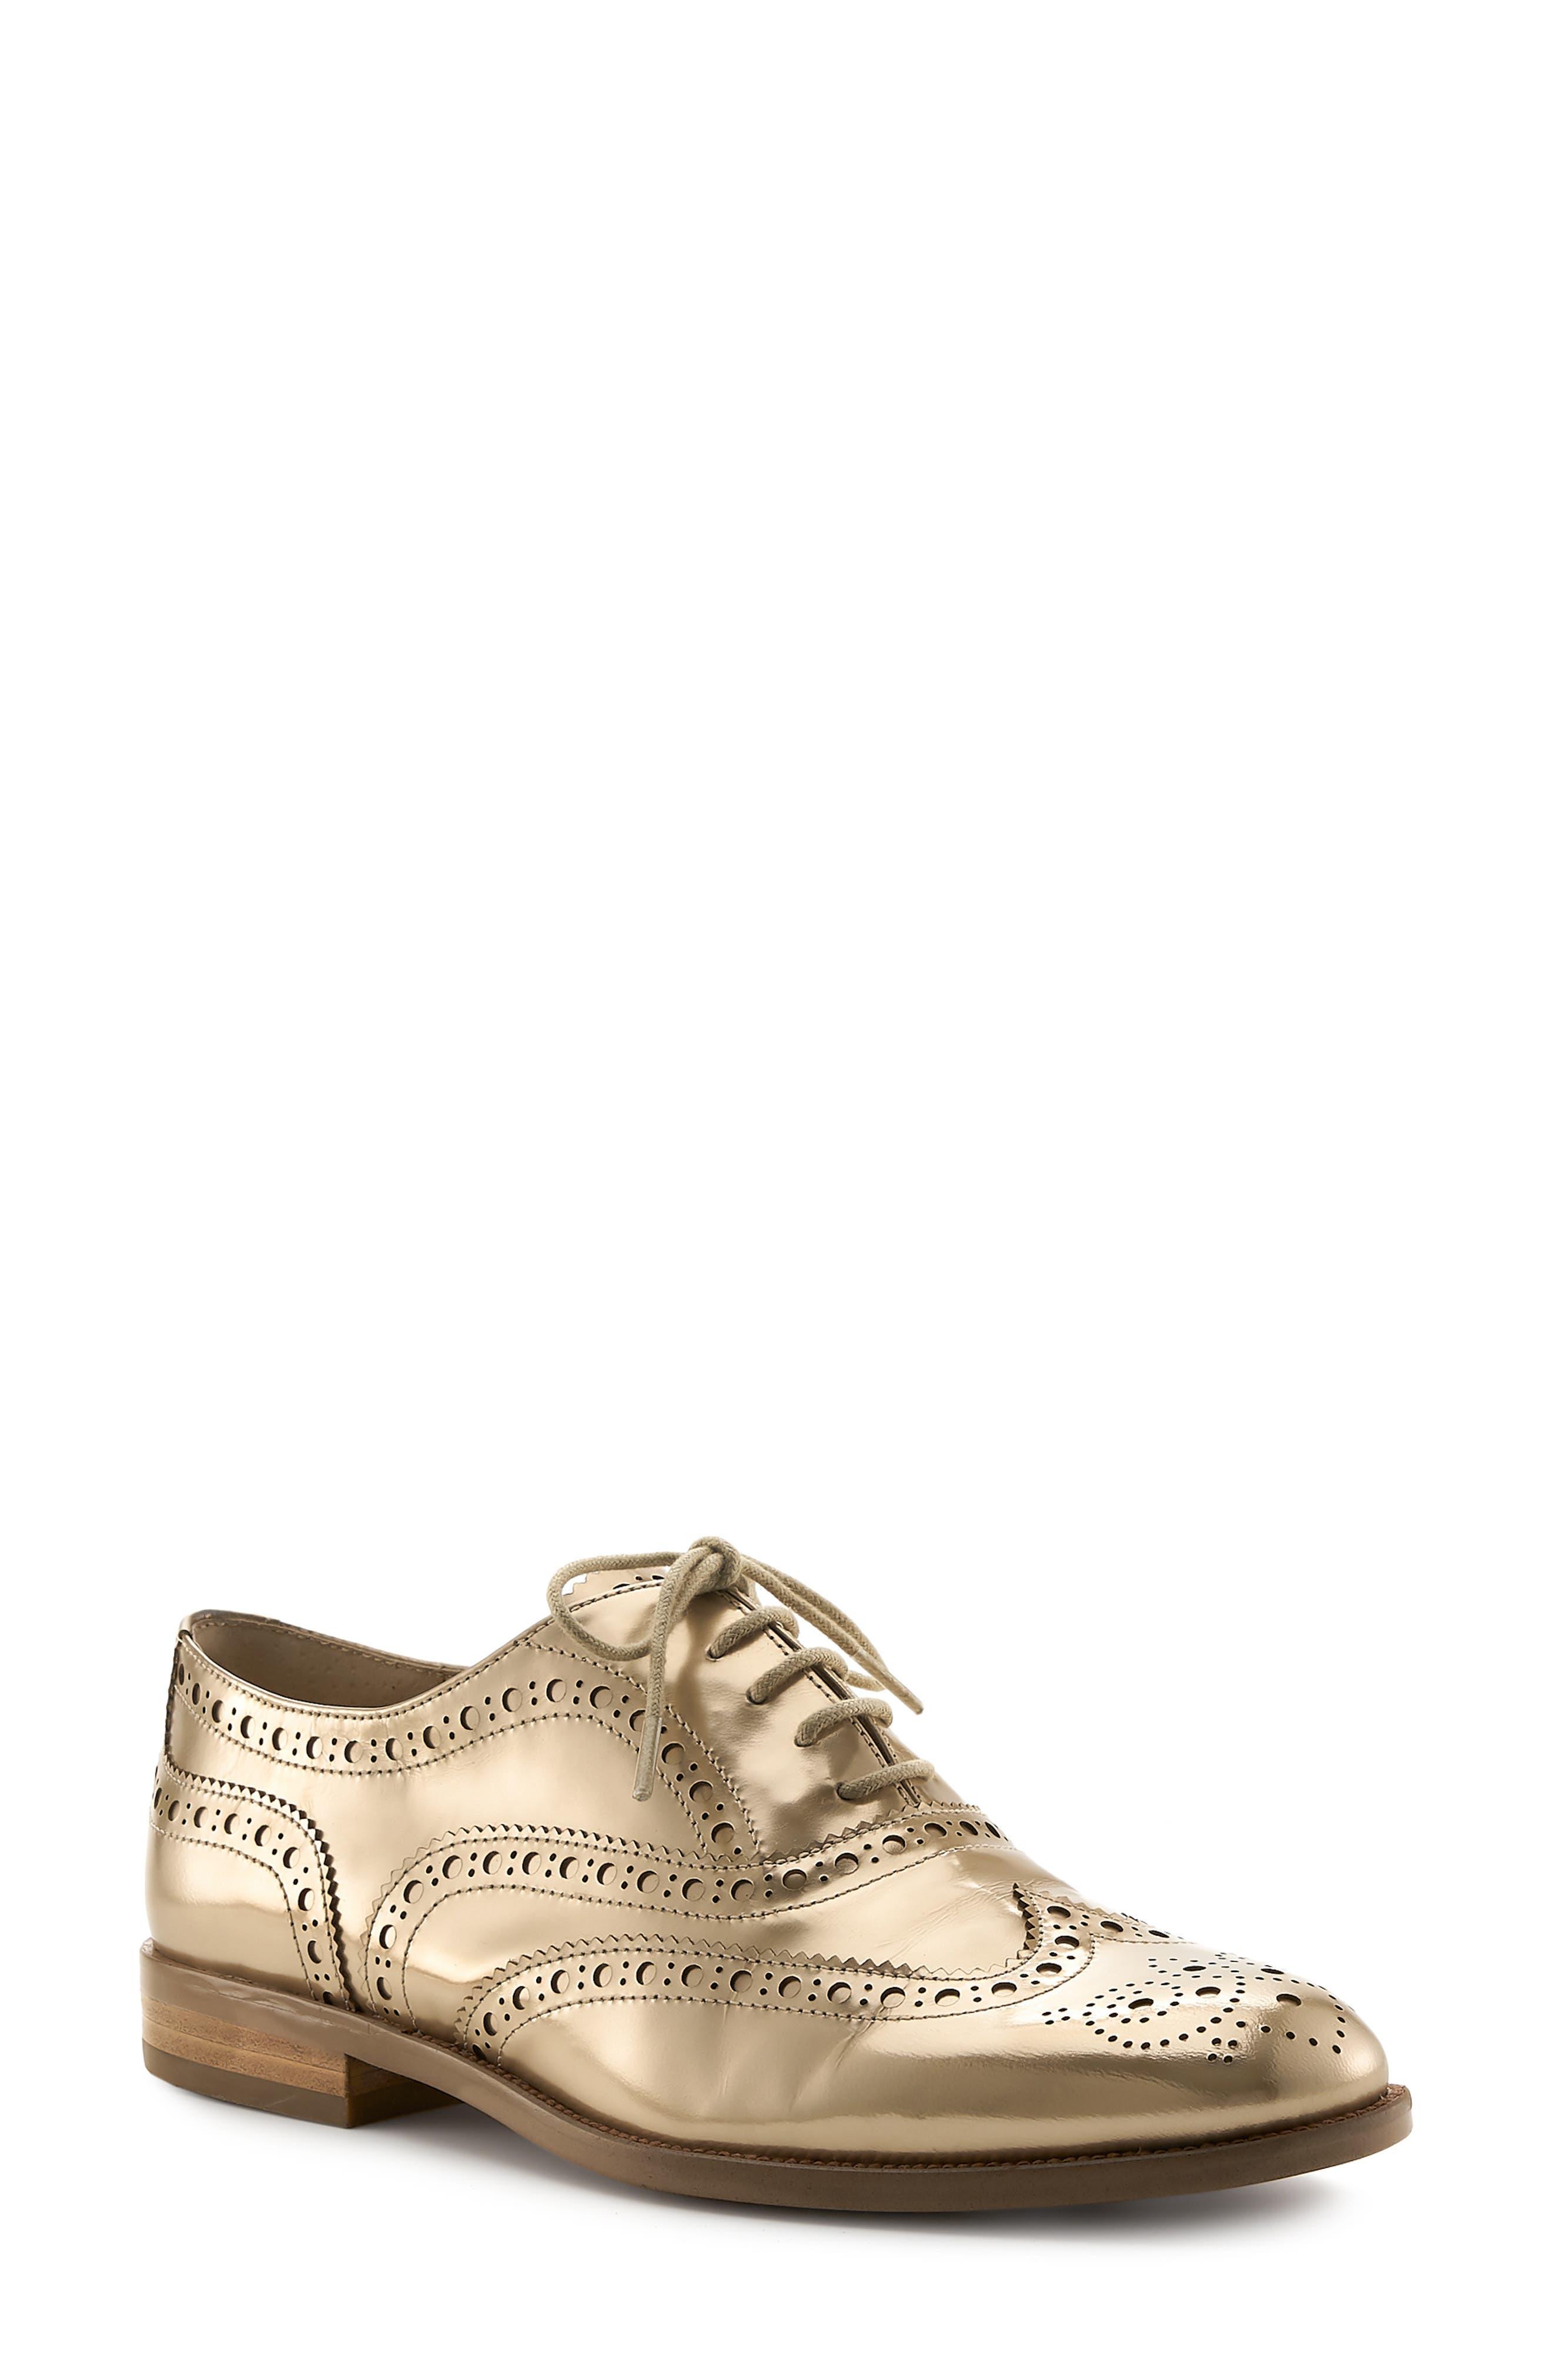 Women'S Callista Metallic Wingtip Oxford Loafers in Gold Metallic